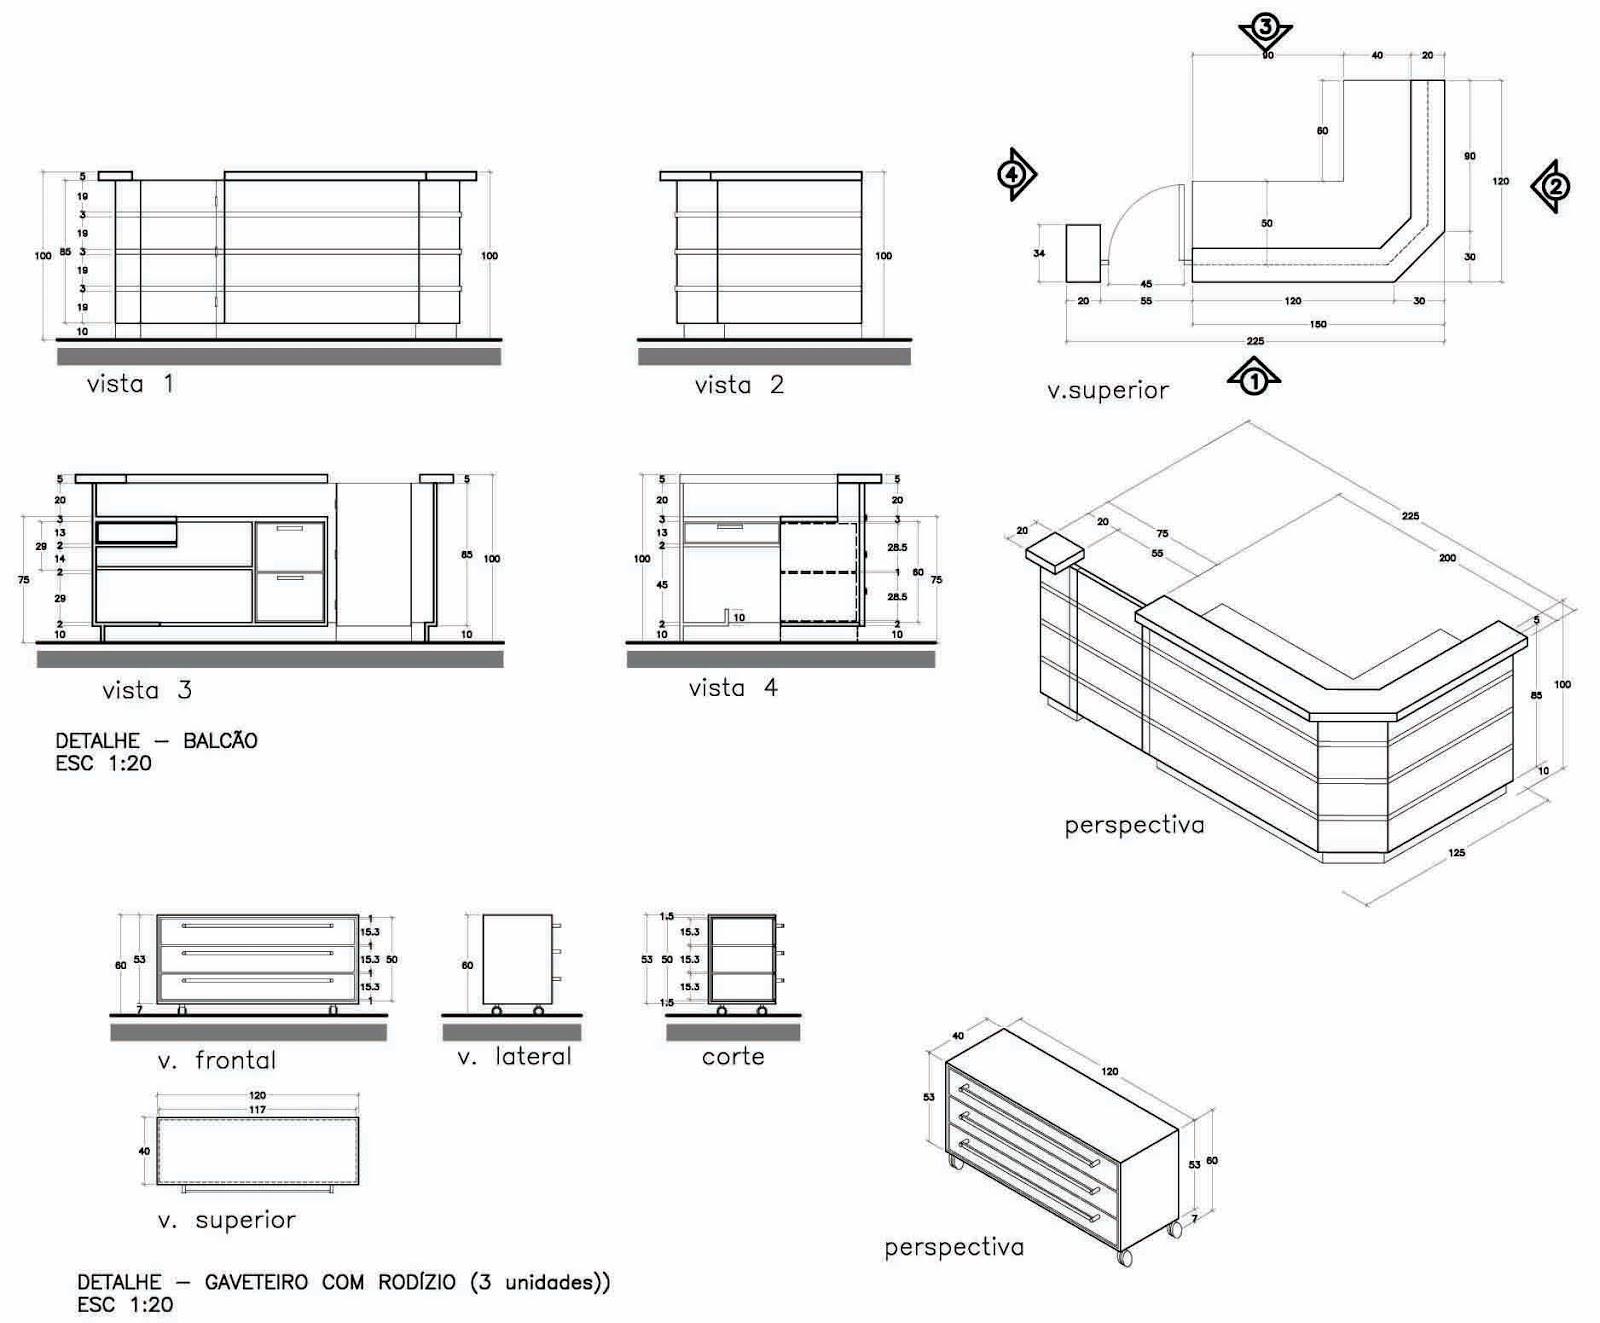 MARIANA PROJETISTA: Portifólio #12: Desenho de Mobiliário #676664 1600 1323